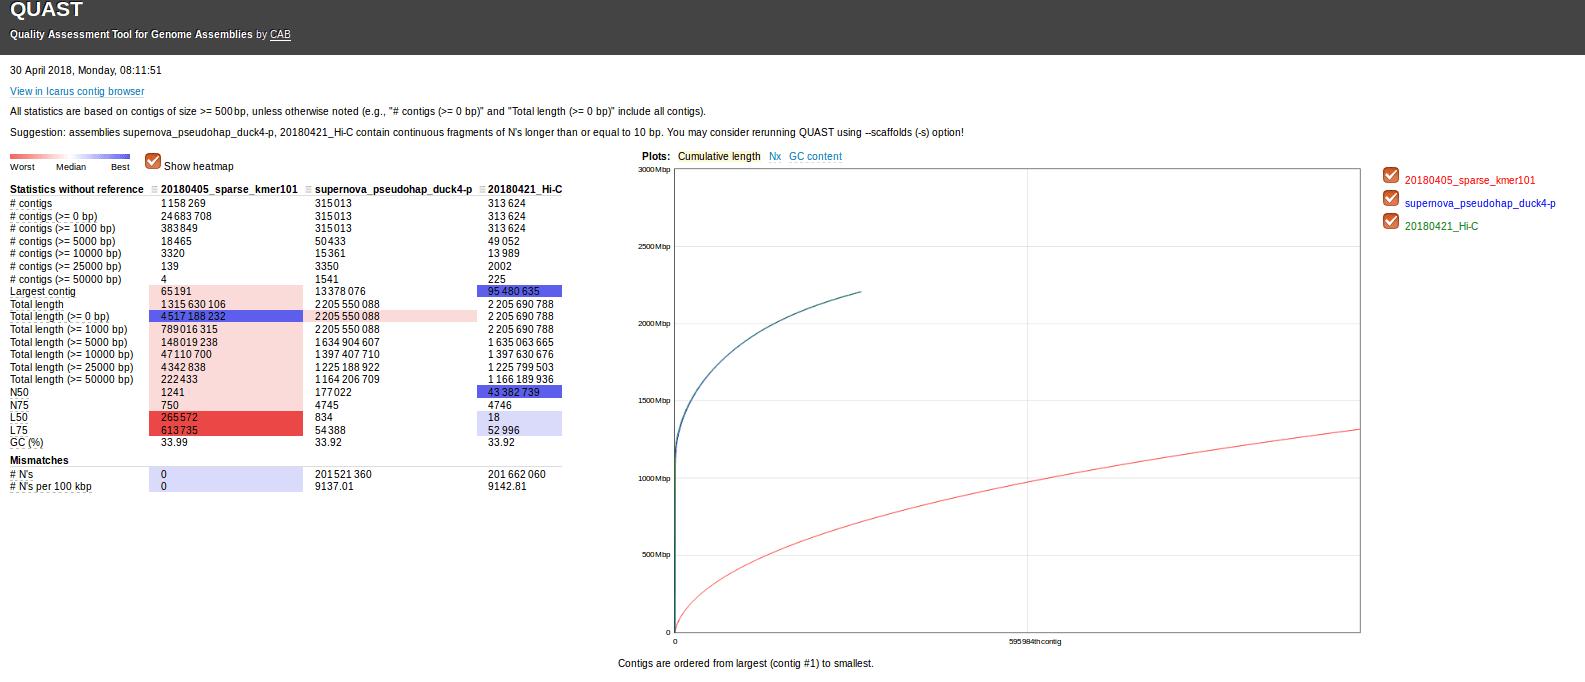 20180430_quast_sparse_sn_pga_comparison.png